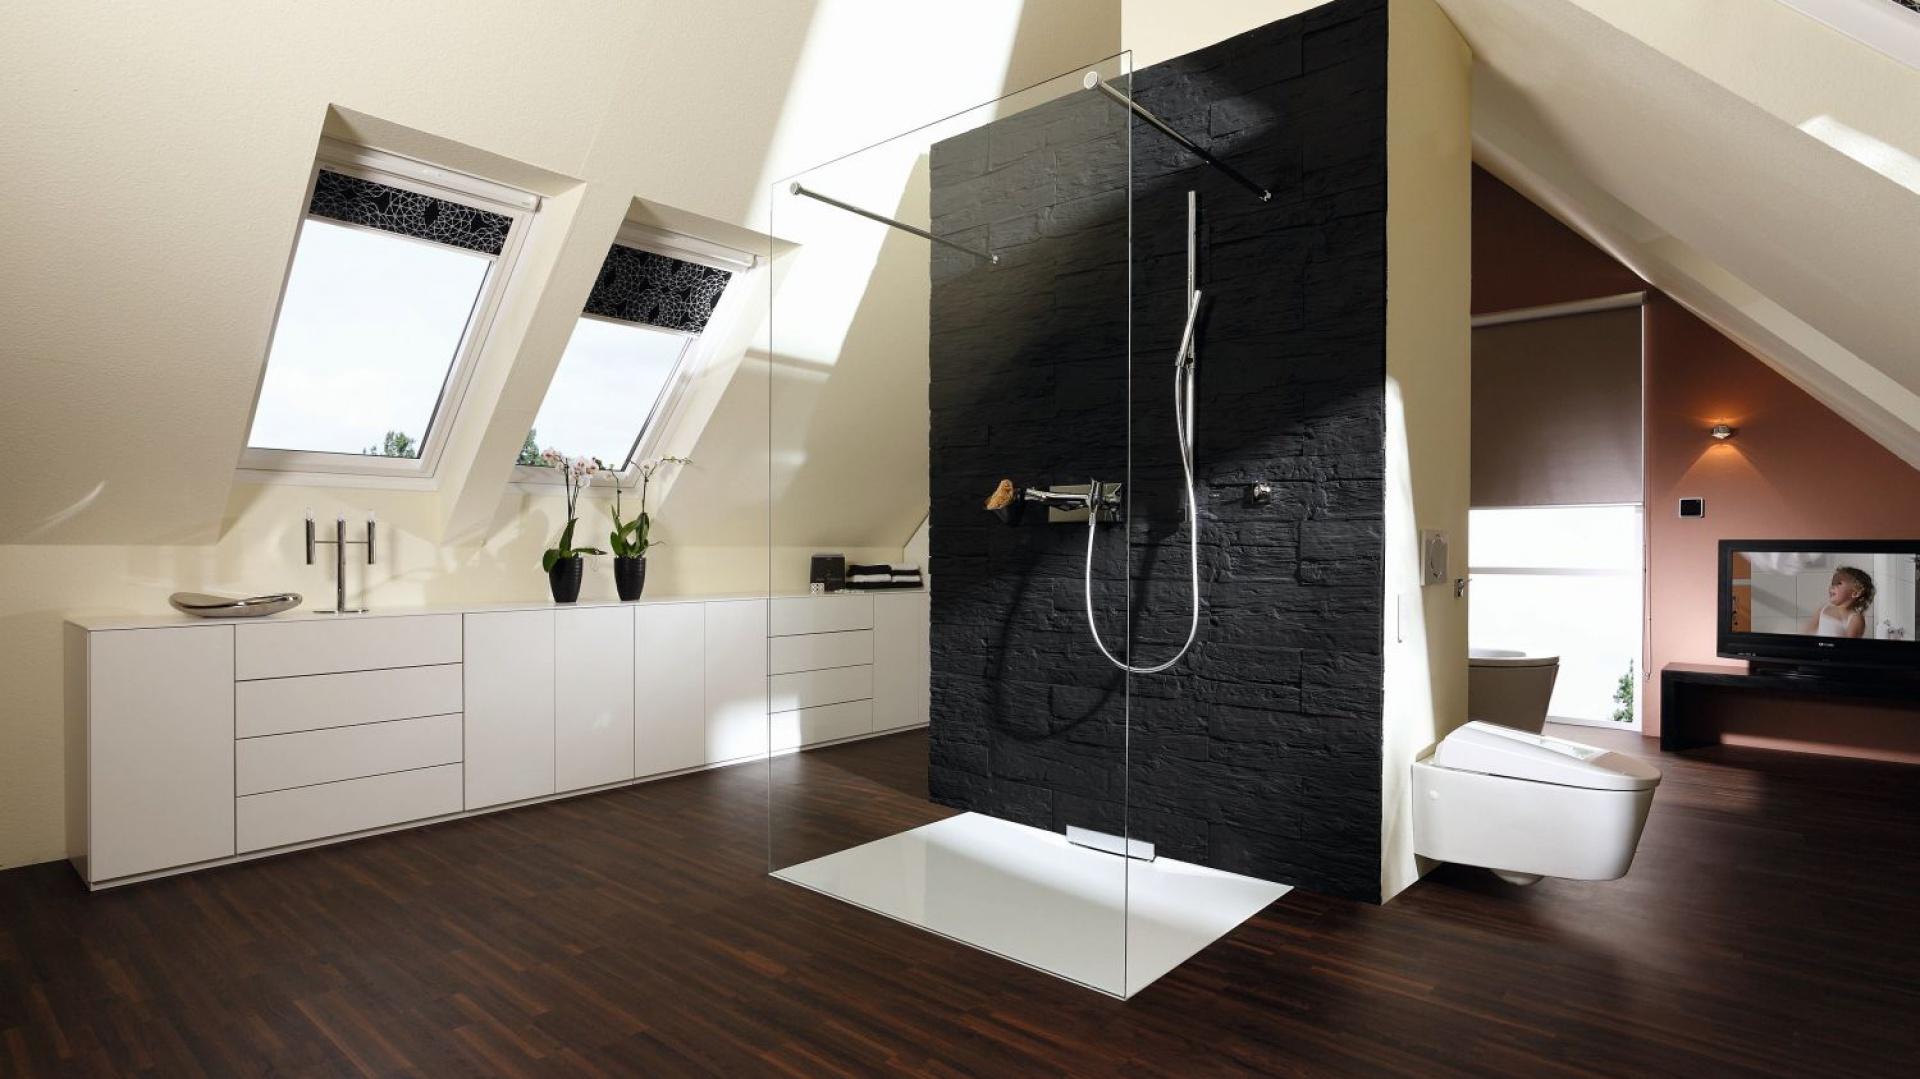 Pokój kąpielowy na poddaszu...  Łazienka – aranżacje, projekty  Strona: 2